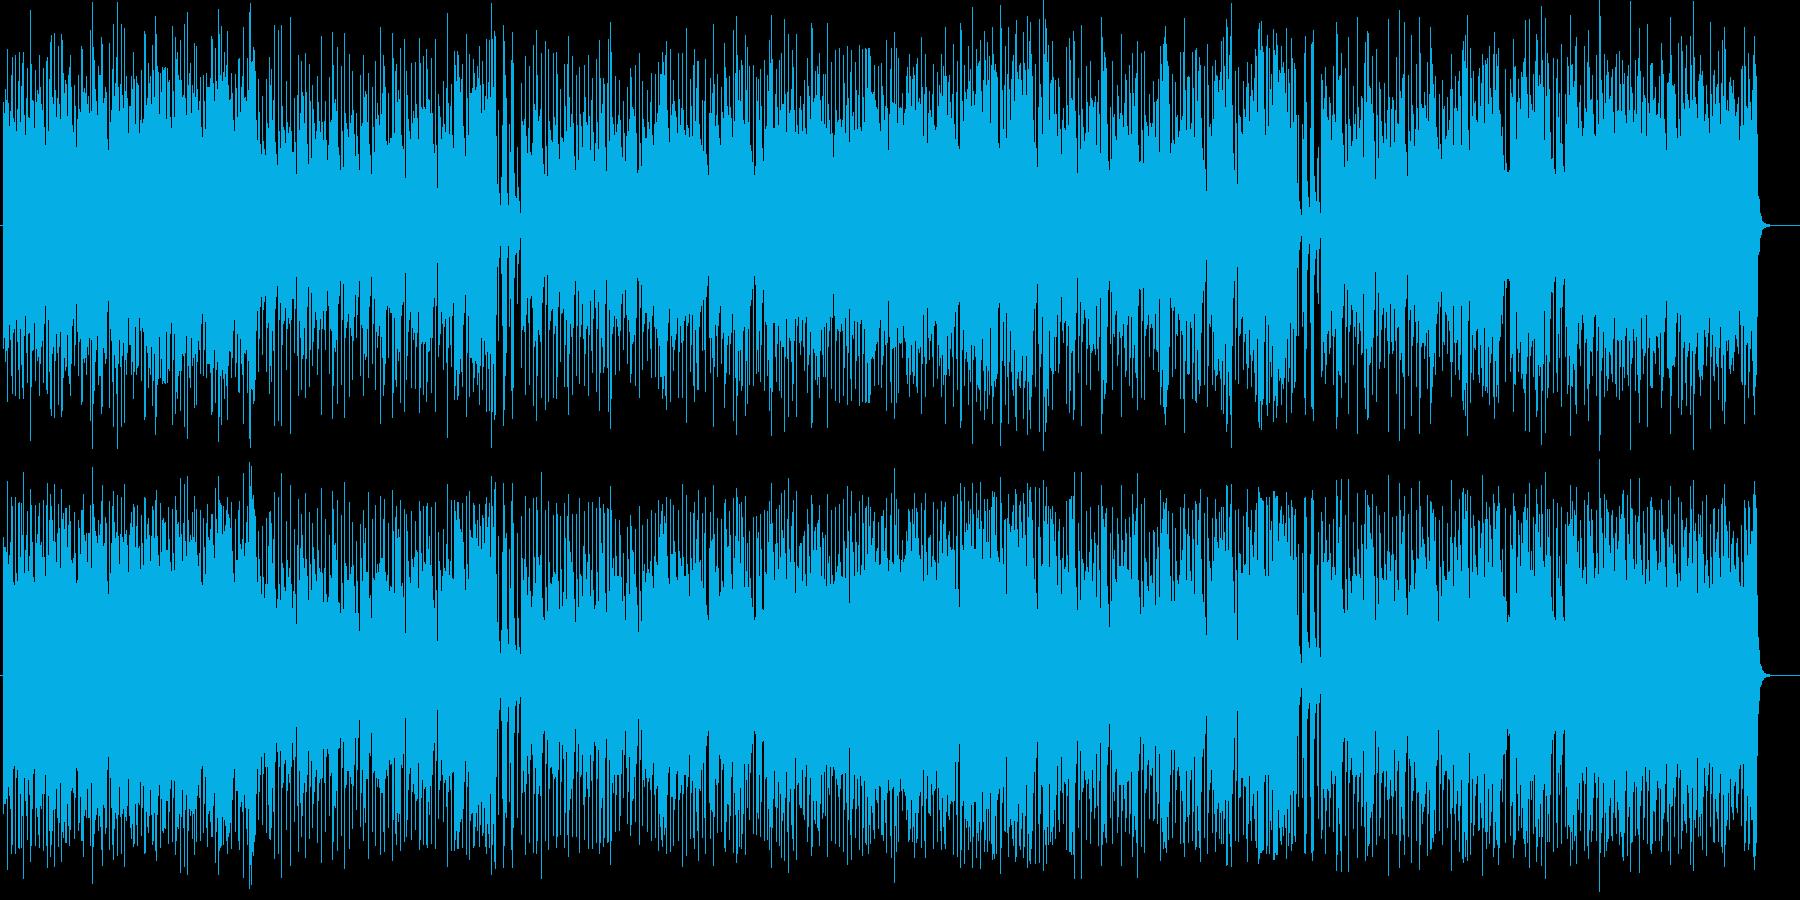 流麗なアコースティック・ギター・サウンドの再生済みの波形